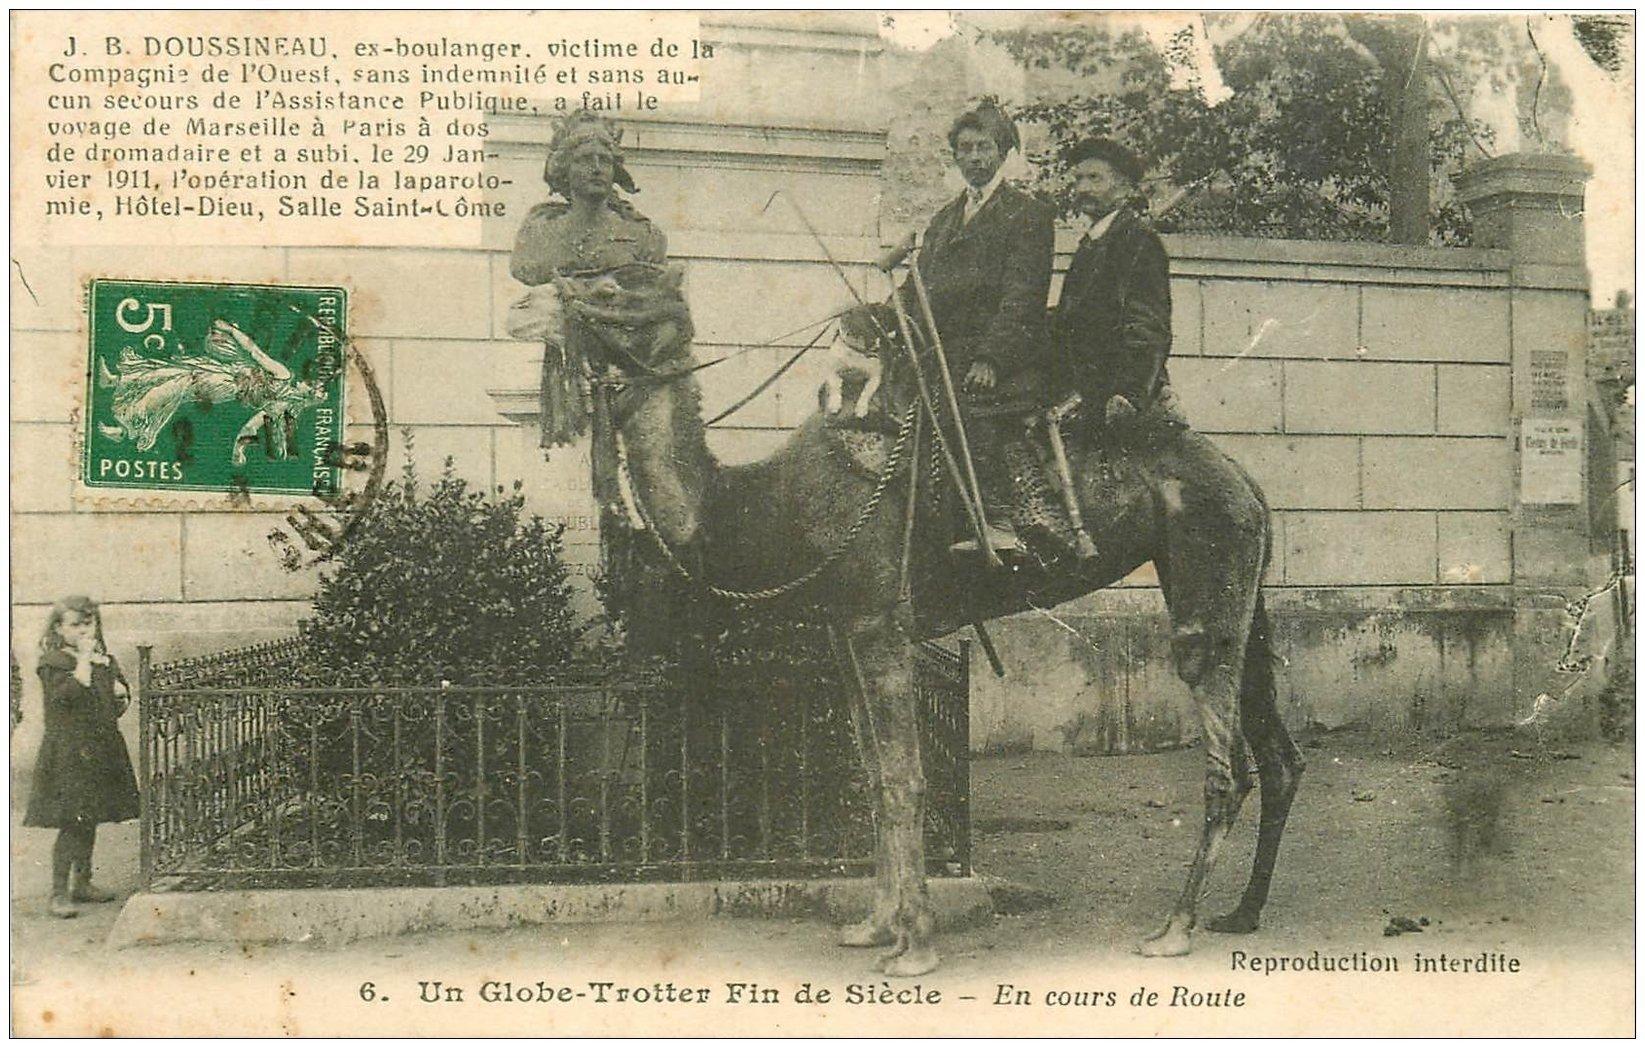 carte postale ancienne 03 Doussineau Globe-Trotter à dos de Dromadaire 1913 de Marseille à Paris